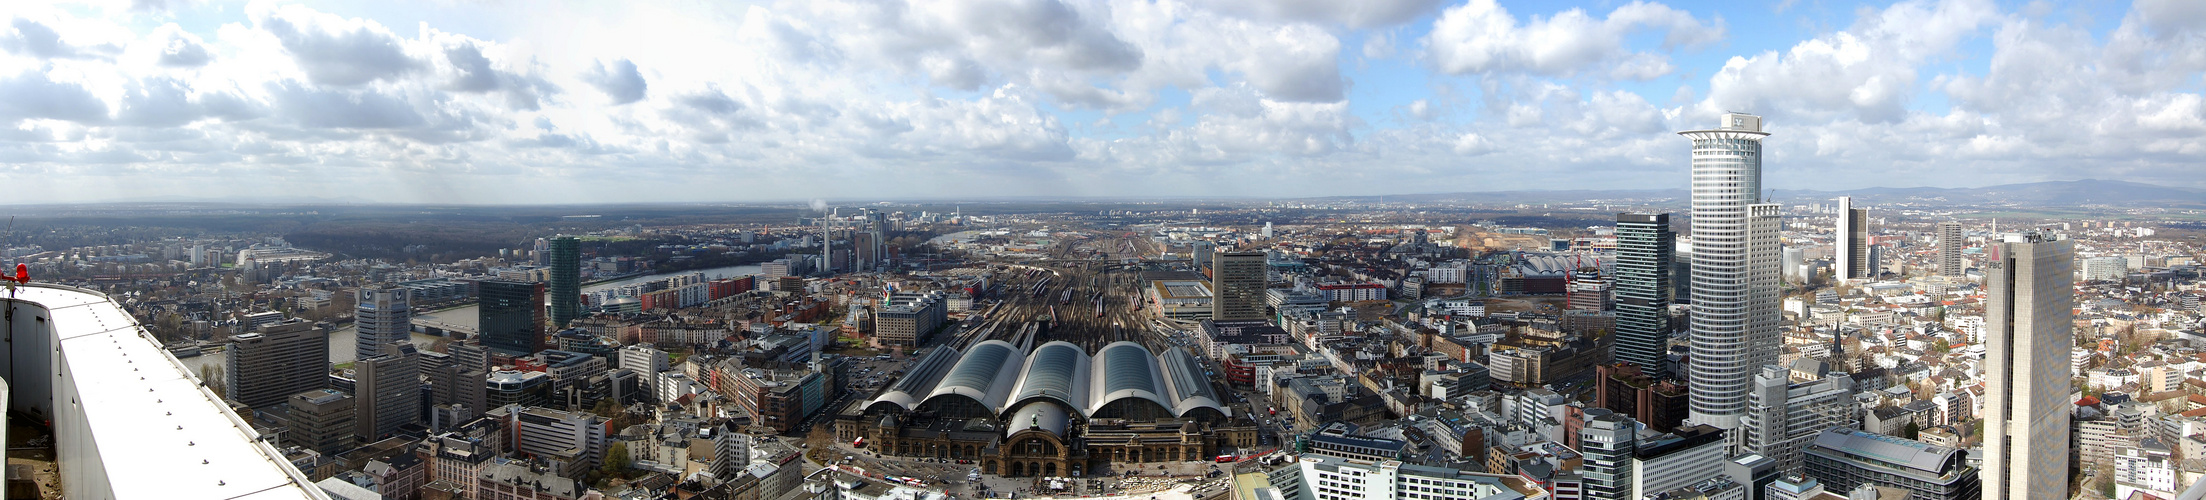 Panorama Frankfurt vom Silver Tower aus gesehen